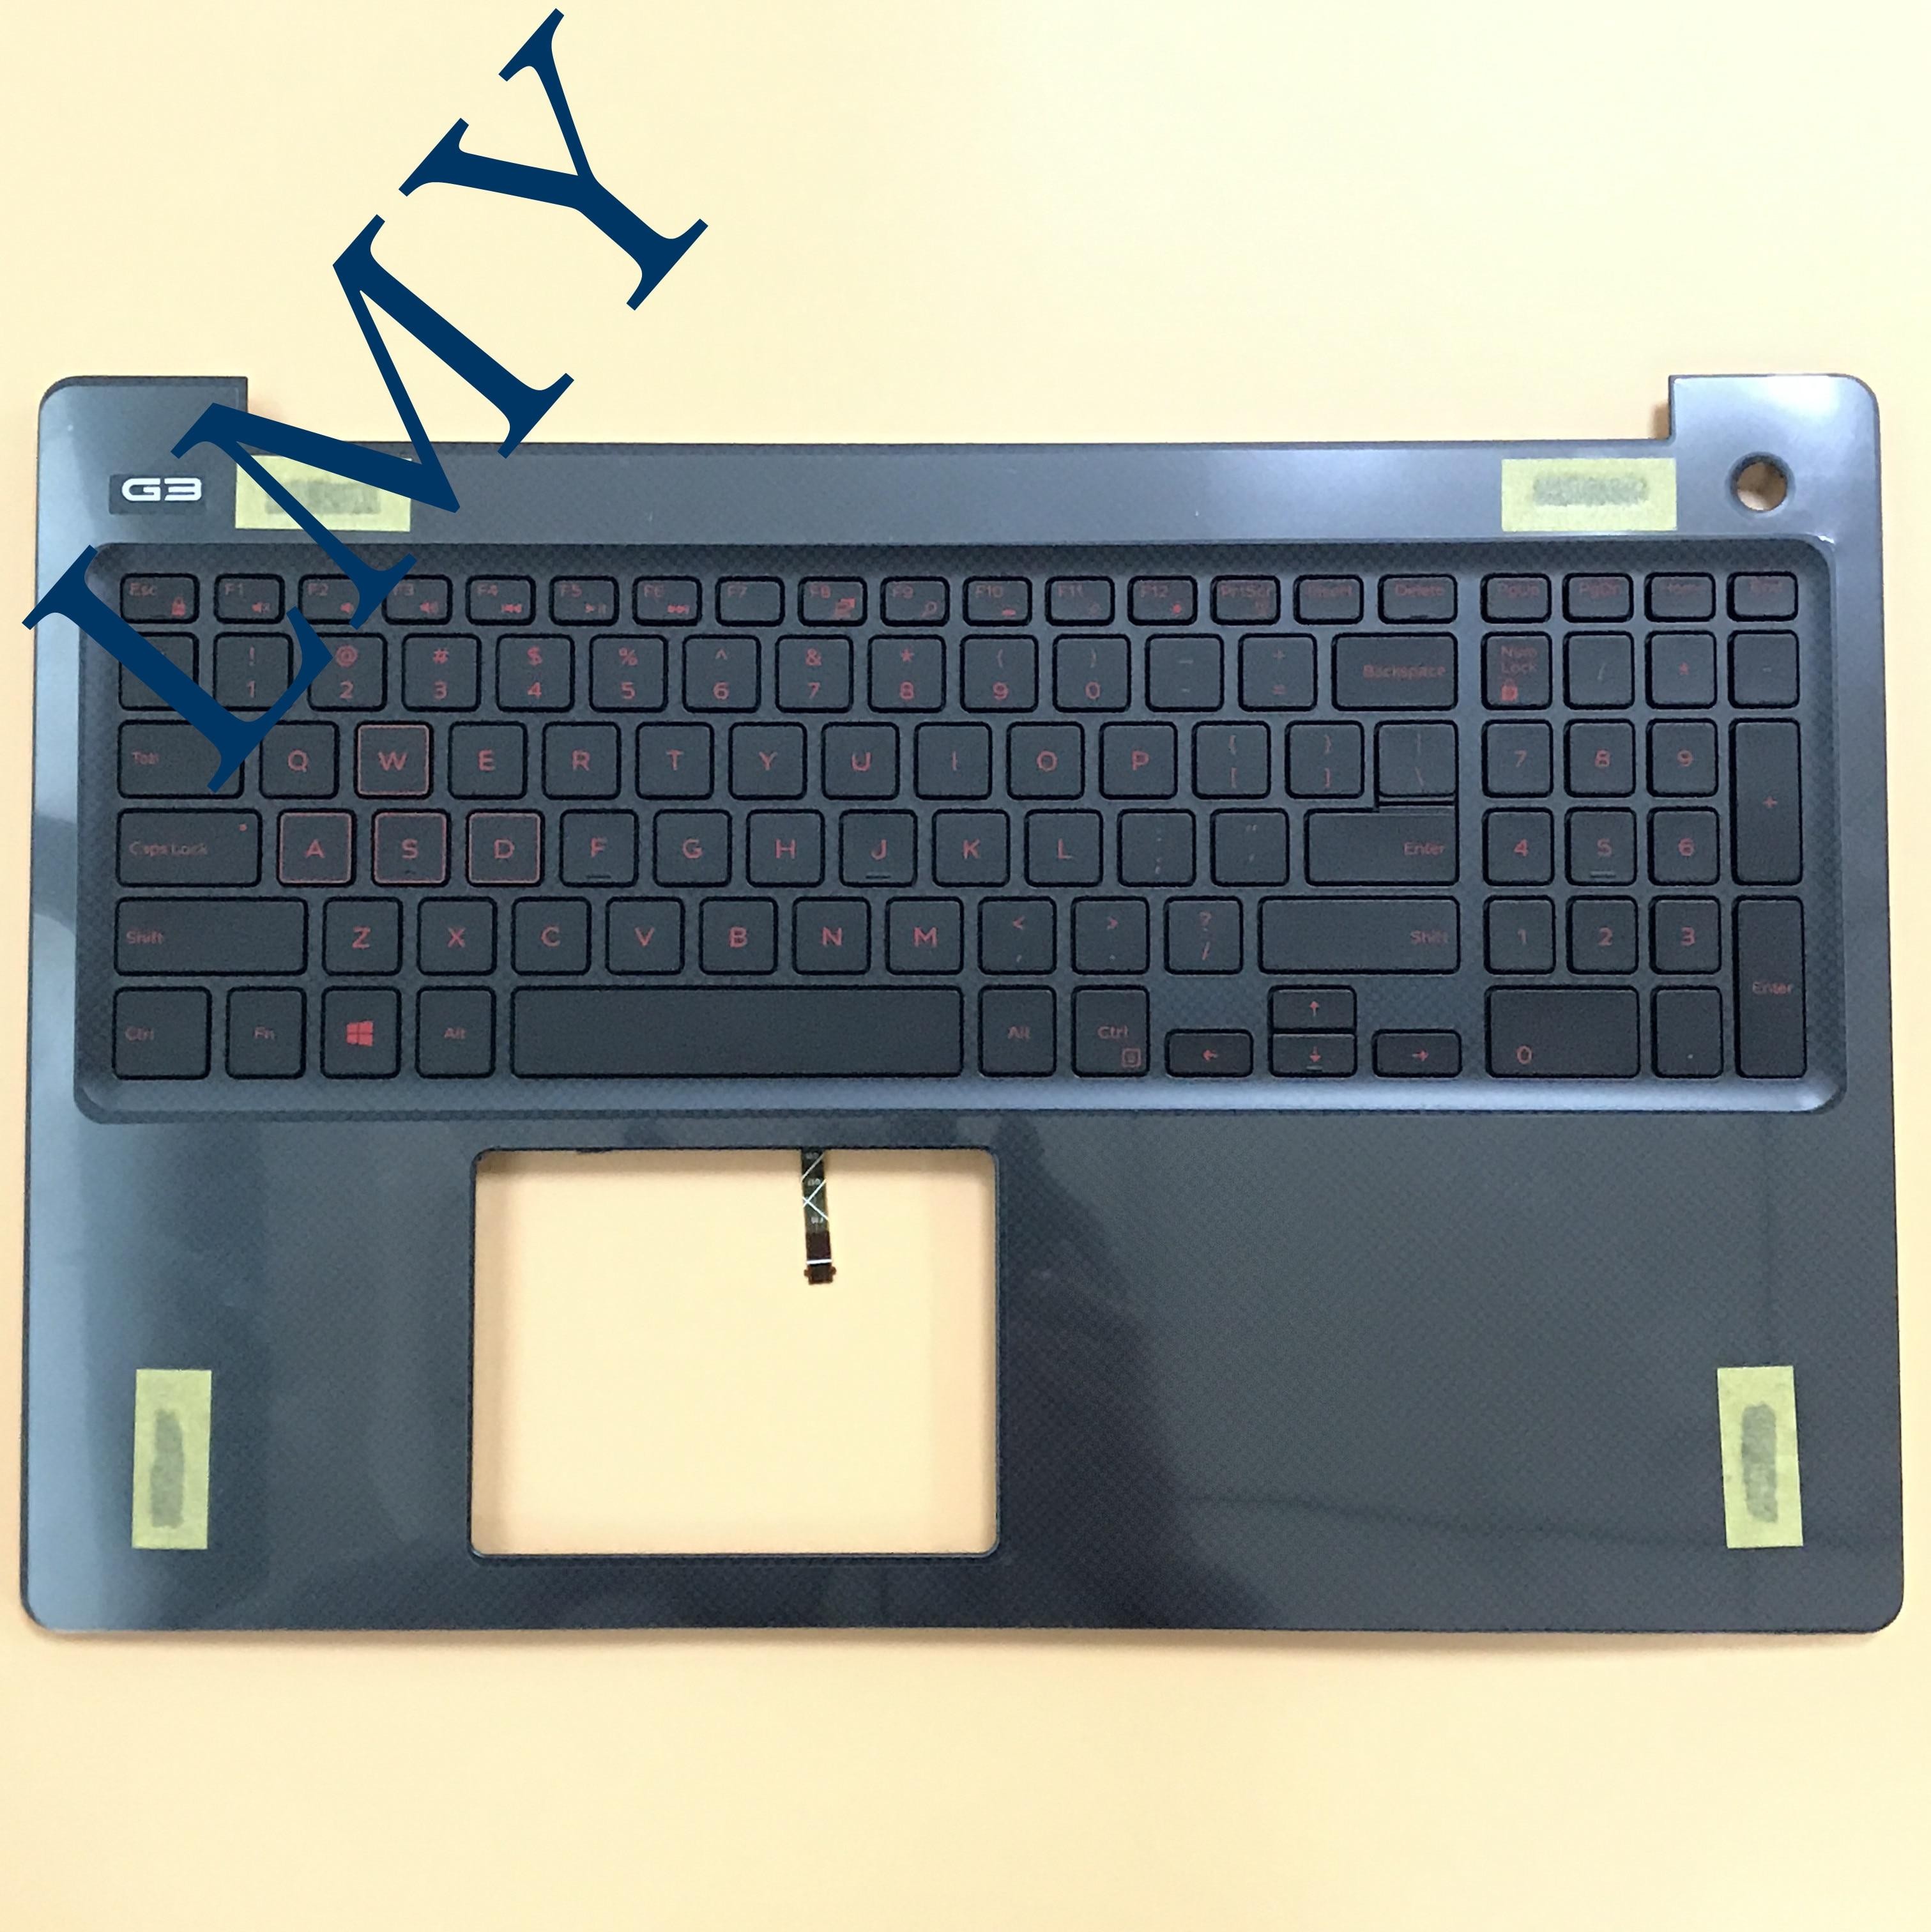 Tout nouveau boîtier de clavier d'ordinateur portable pour DELL GAMING15-3000 G3 3579 G3-3579 ordinateur portable US clavier repose-main avec clavier rétro-éclairé rouge